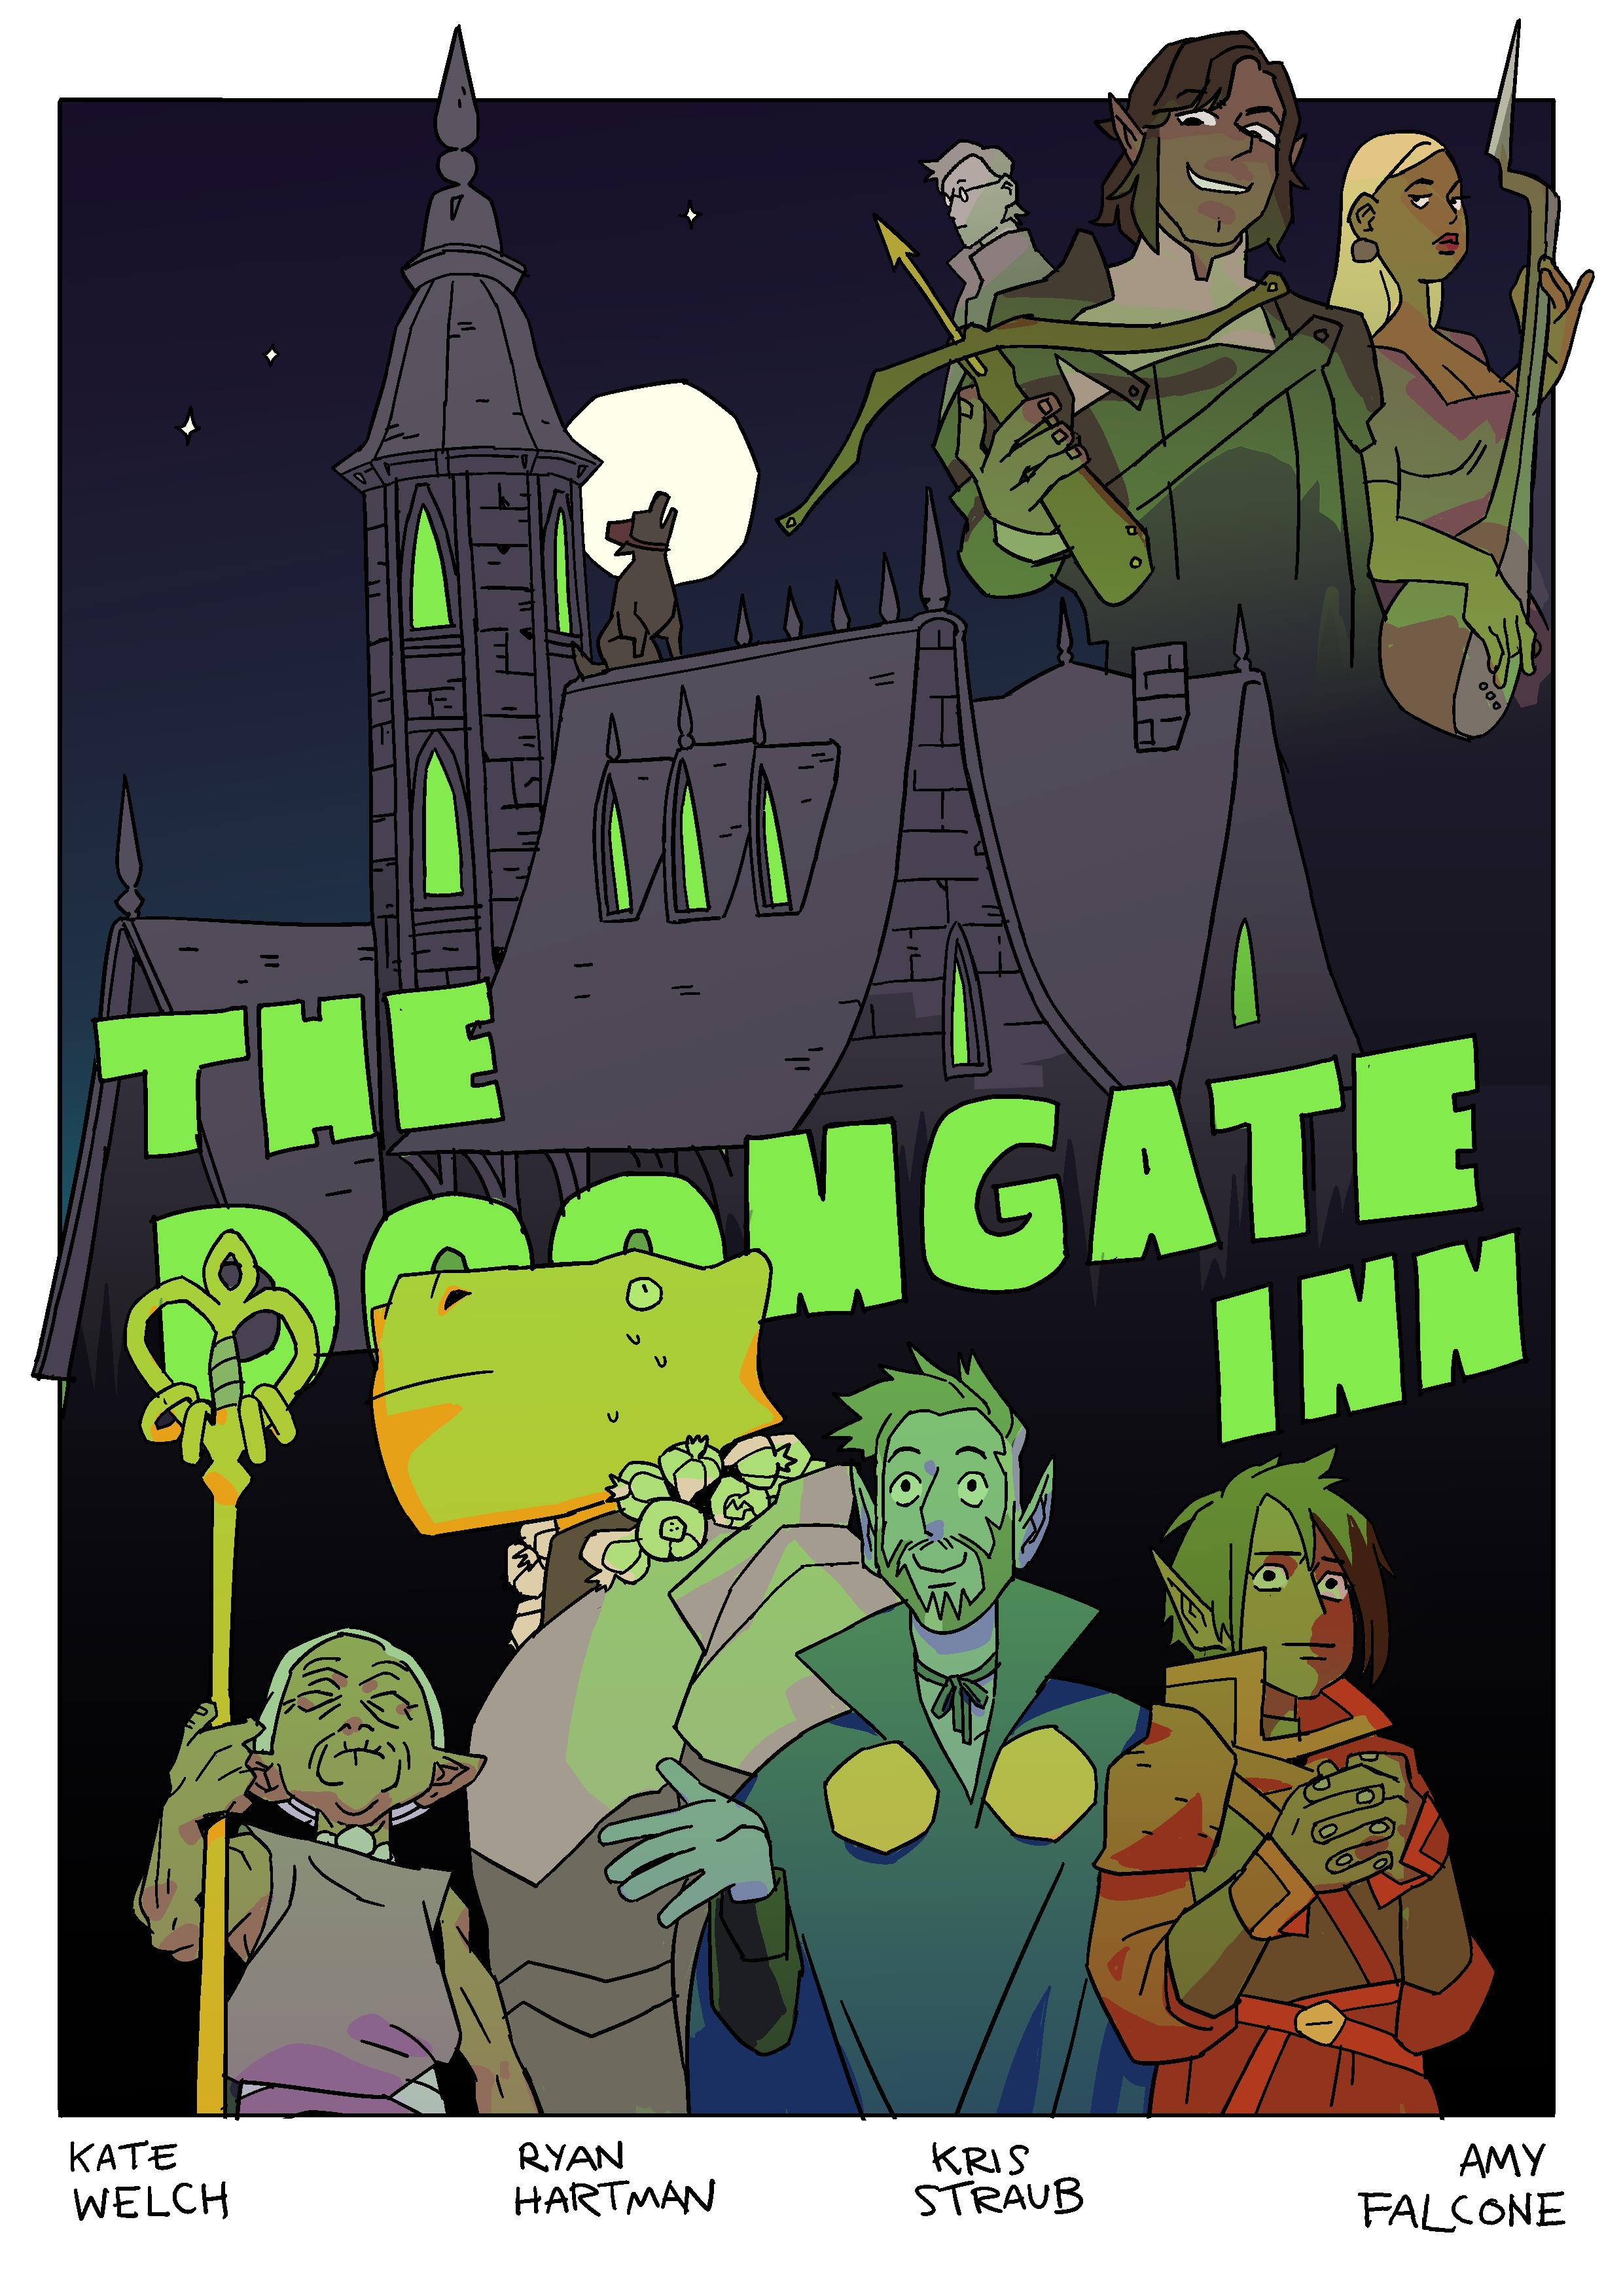 doomgate inn